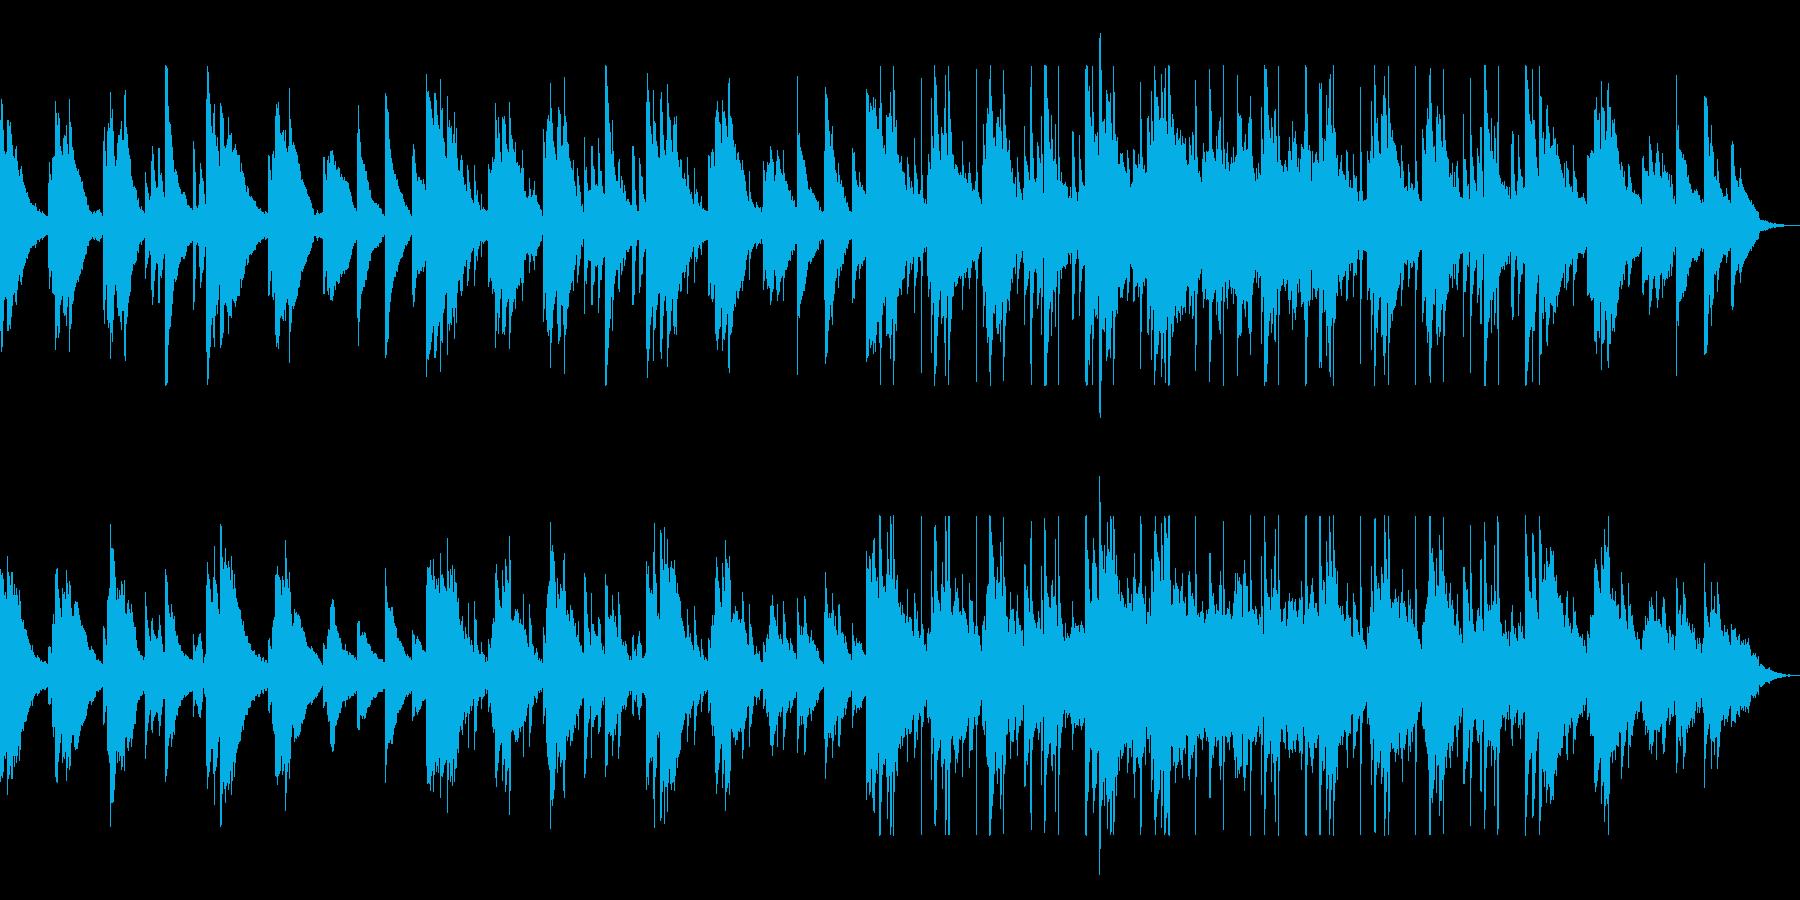 せつないピアノが奏でる落ち着きのある曲の再生済みの波形